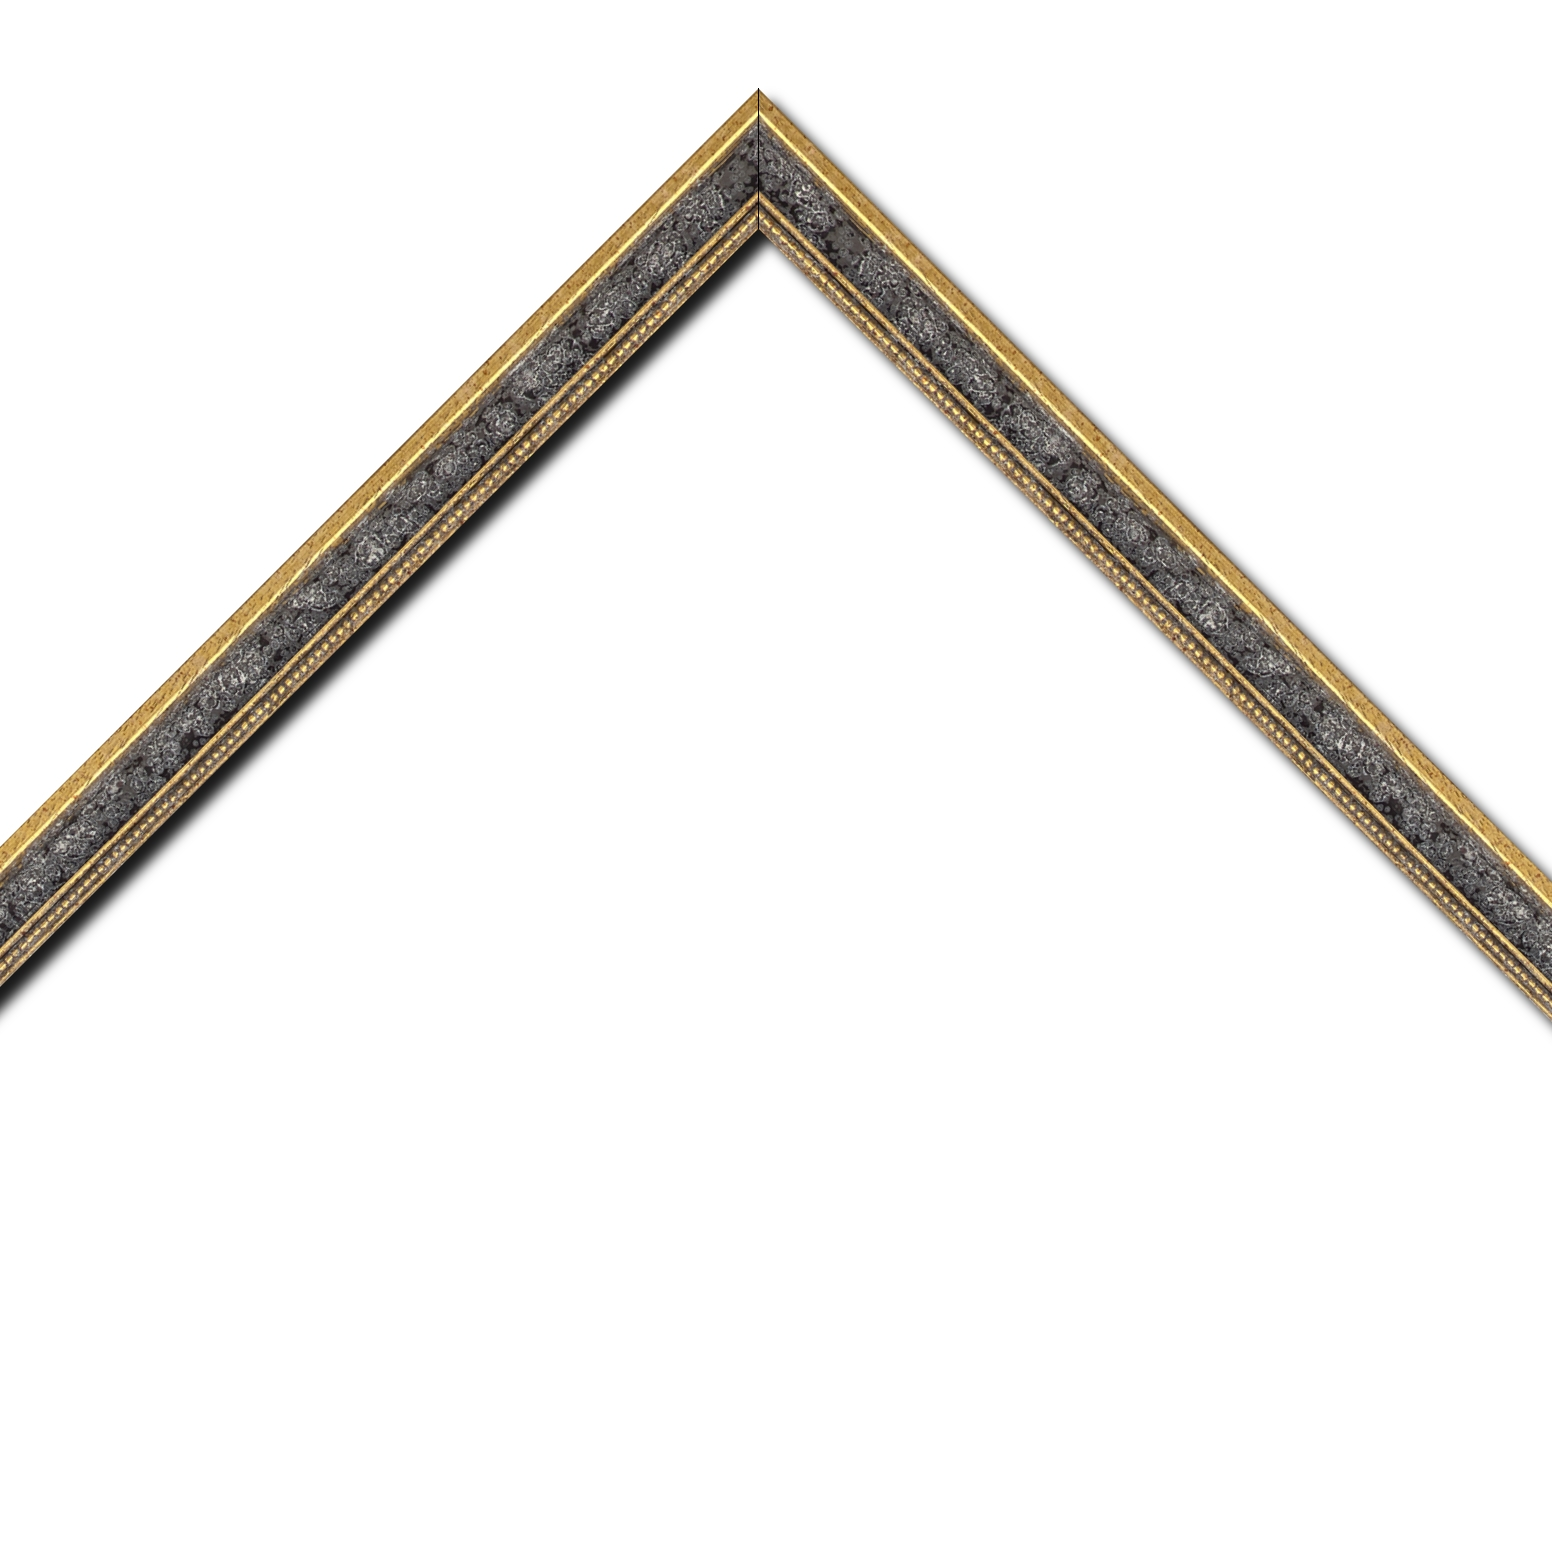 Baguette bois profil incurvé largeur 2.4cm  or antique gorge gris noirci vieilli filet perle or